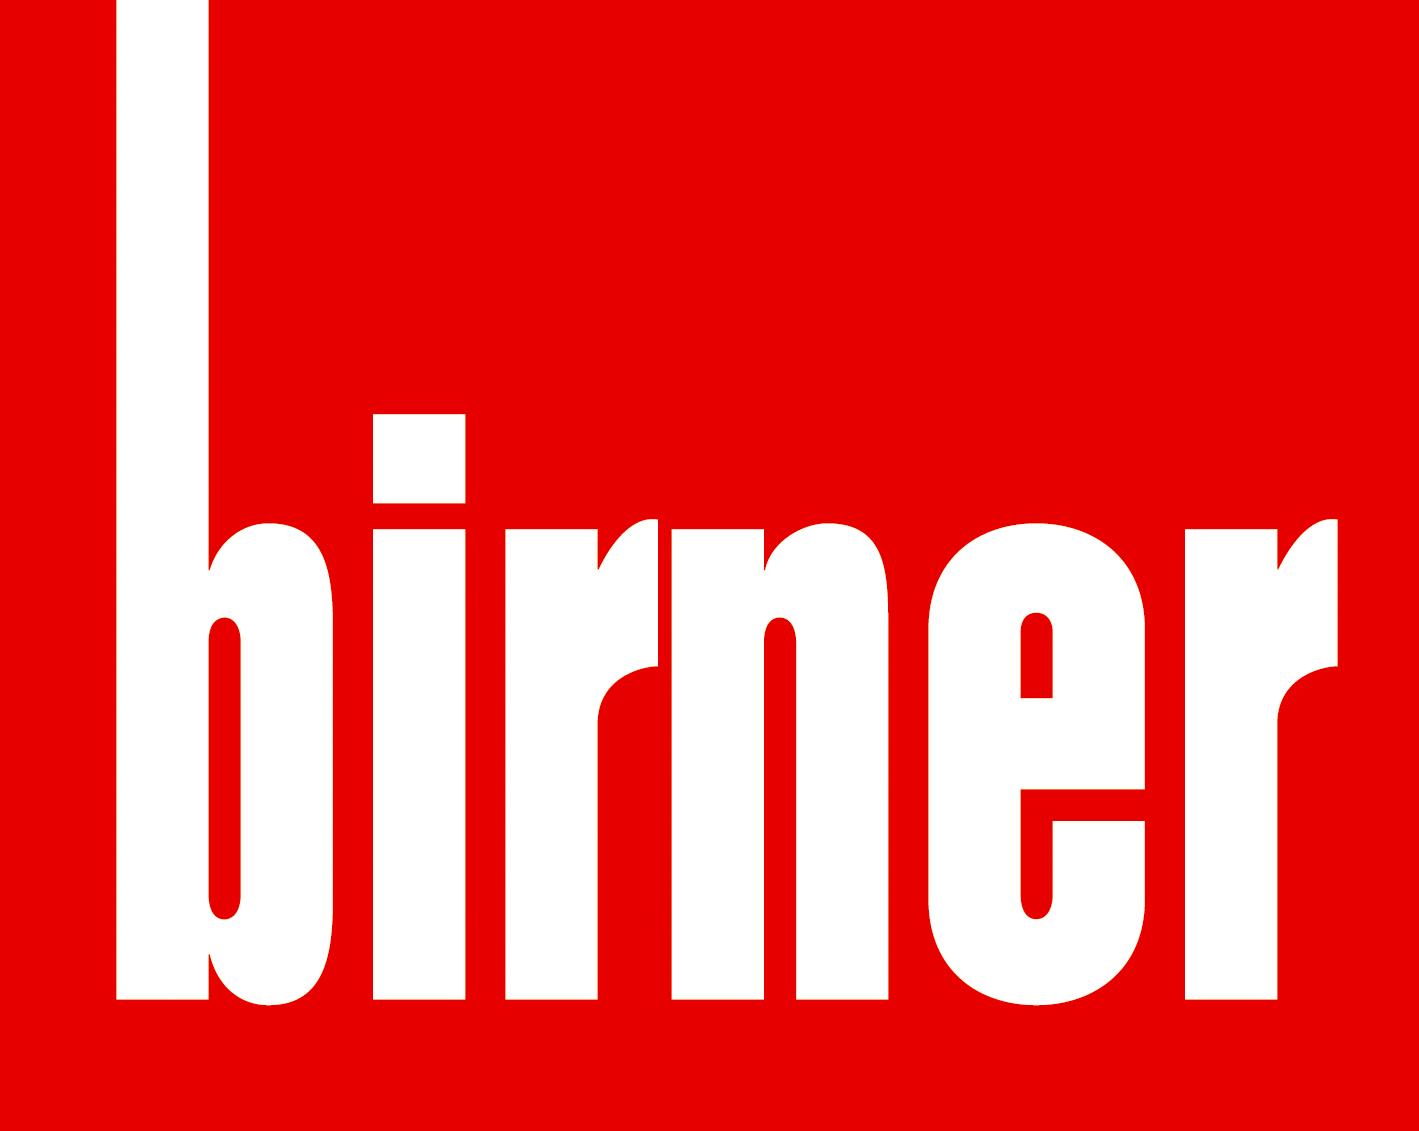 Birner Wels